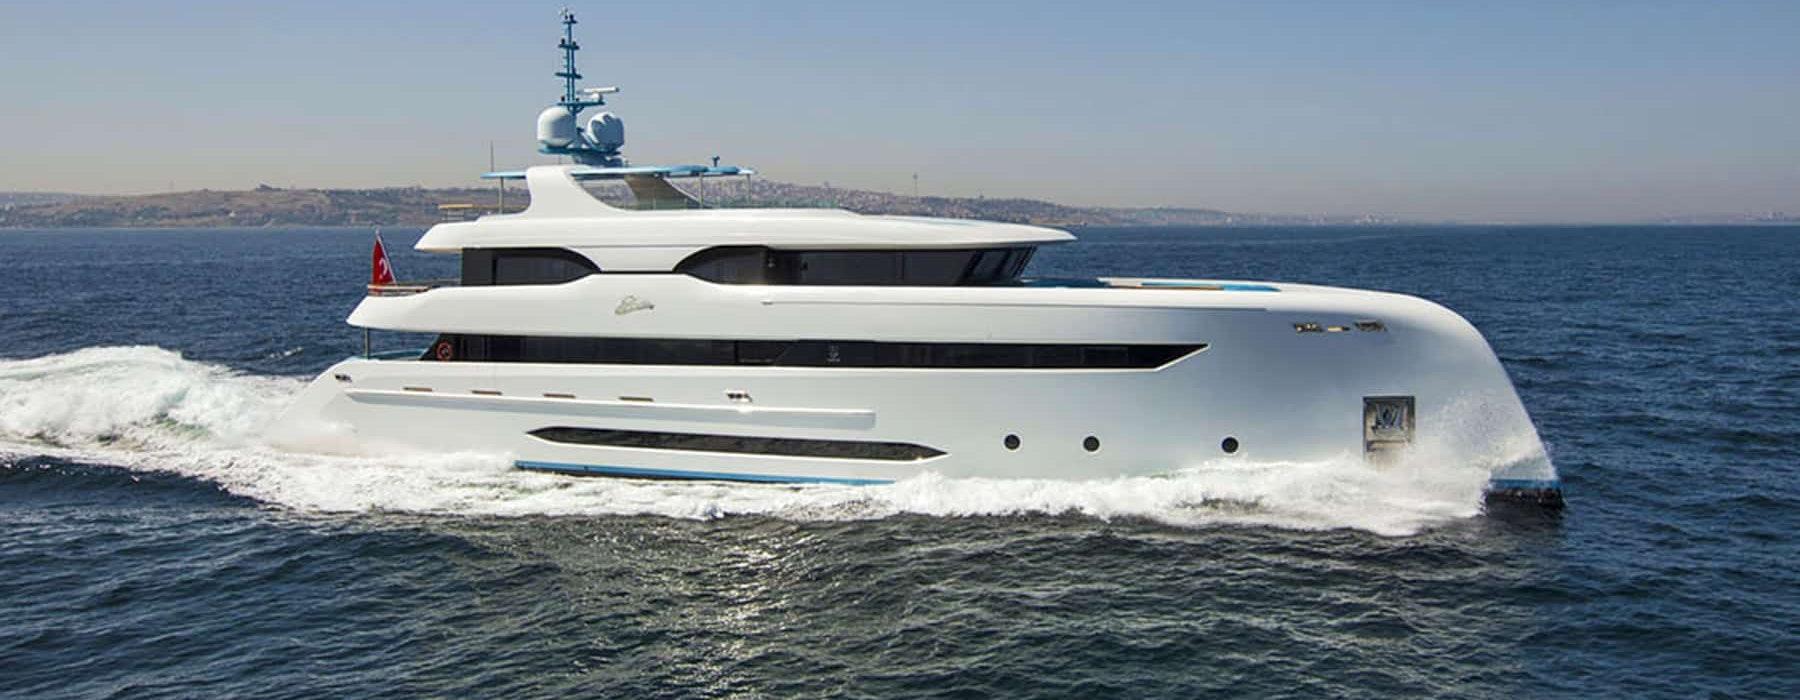 ELADA Bilgin luxury yacht for sale